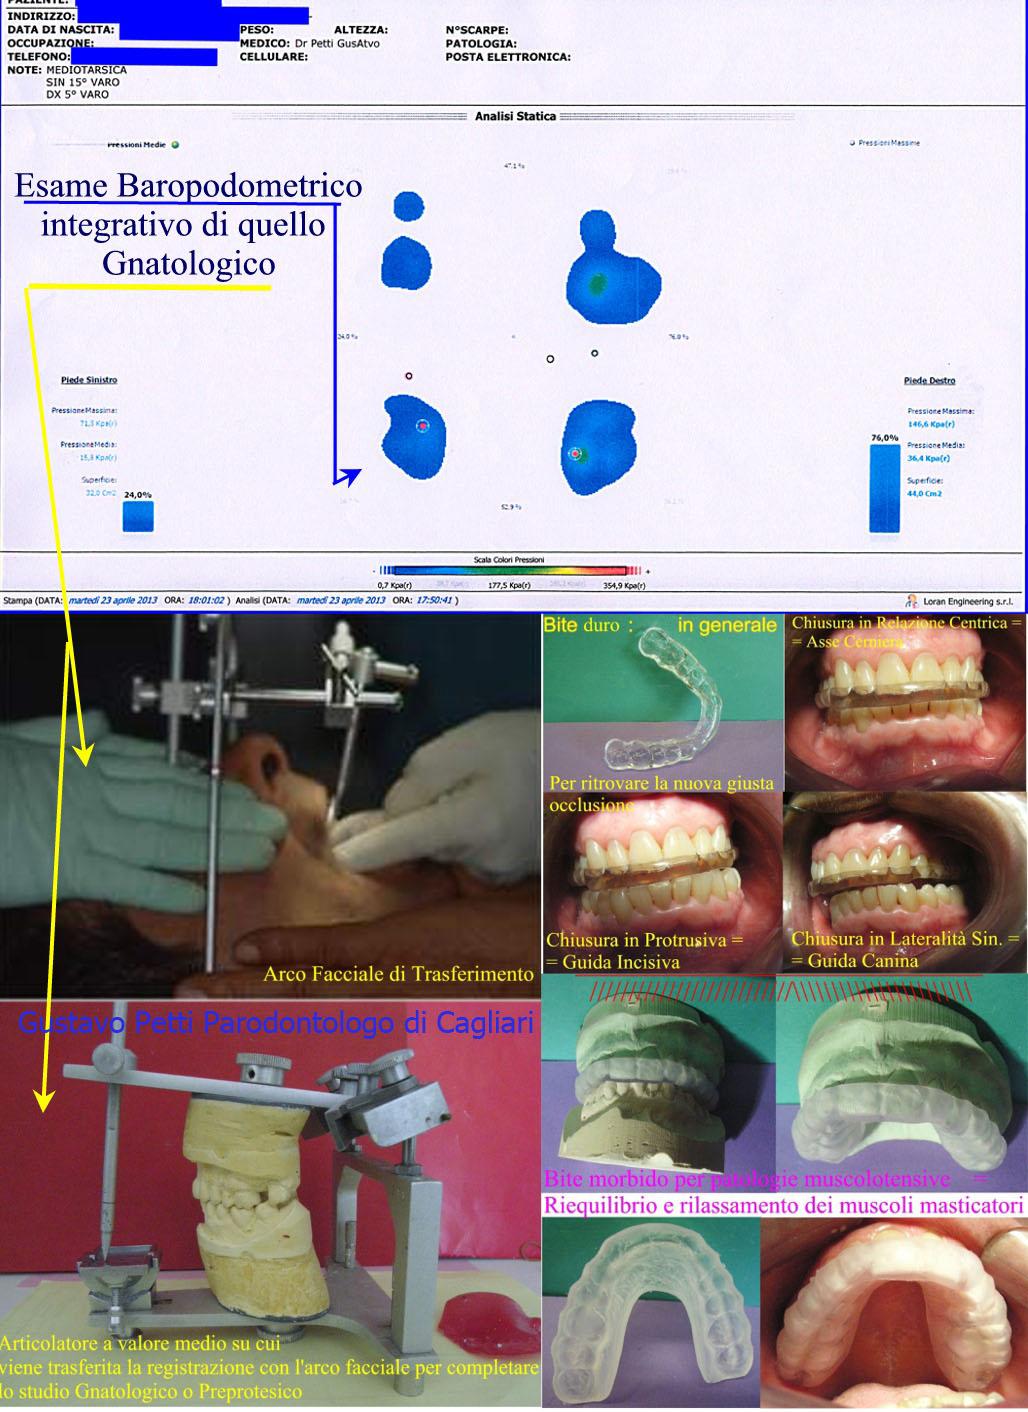 analisi-gnatologica-dr-g.petti-cagliari-264.jpg